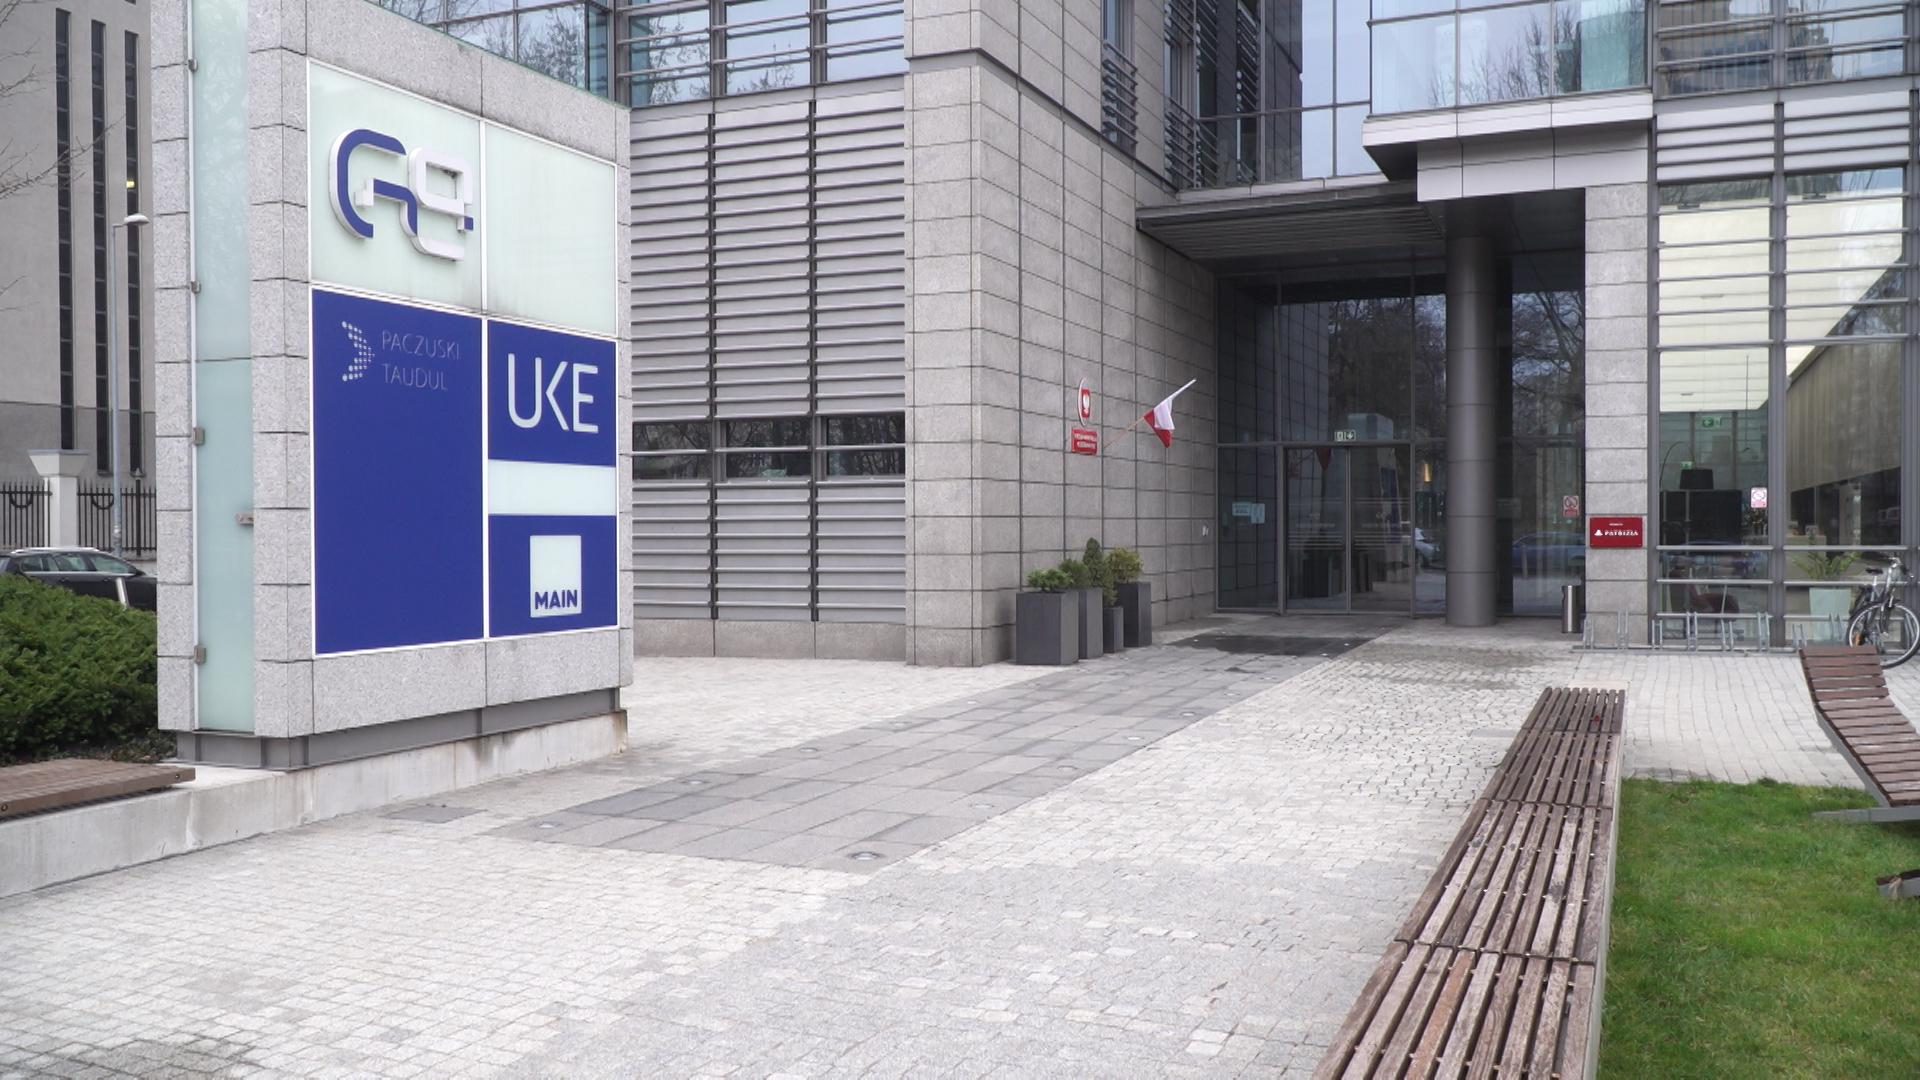 Przyspieszony przetarg UKE na obsługę prawną budzi wątpliwości na rynku. Wyśrubowane wymogi spełni niewiele kancelarii 1